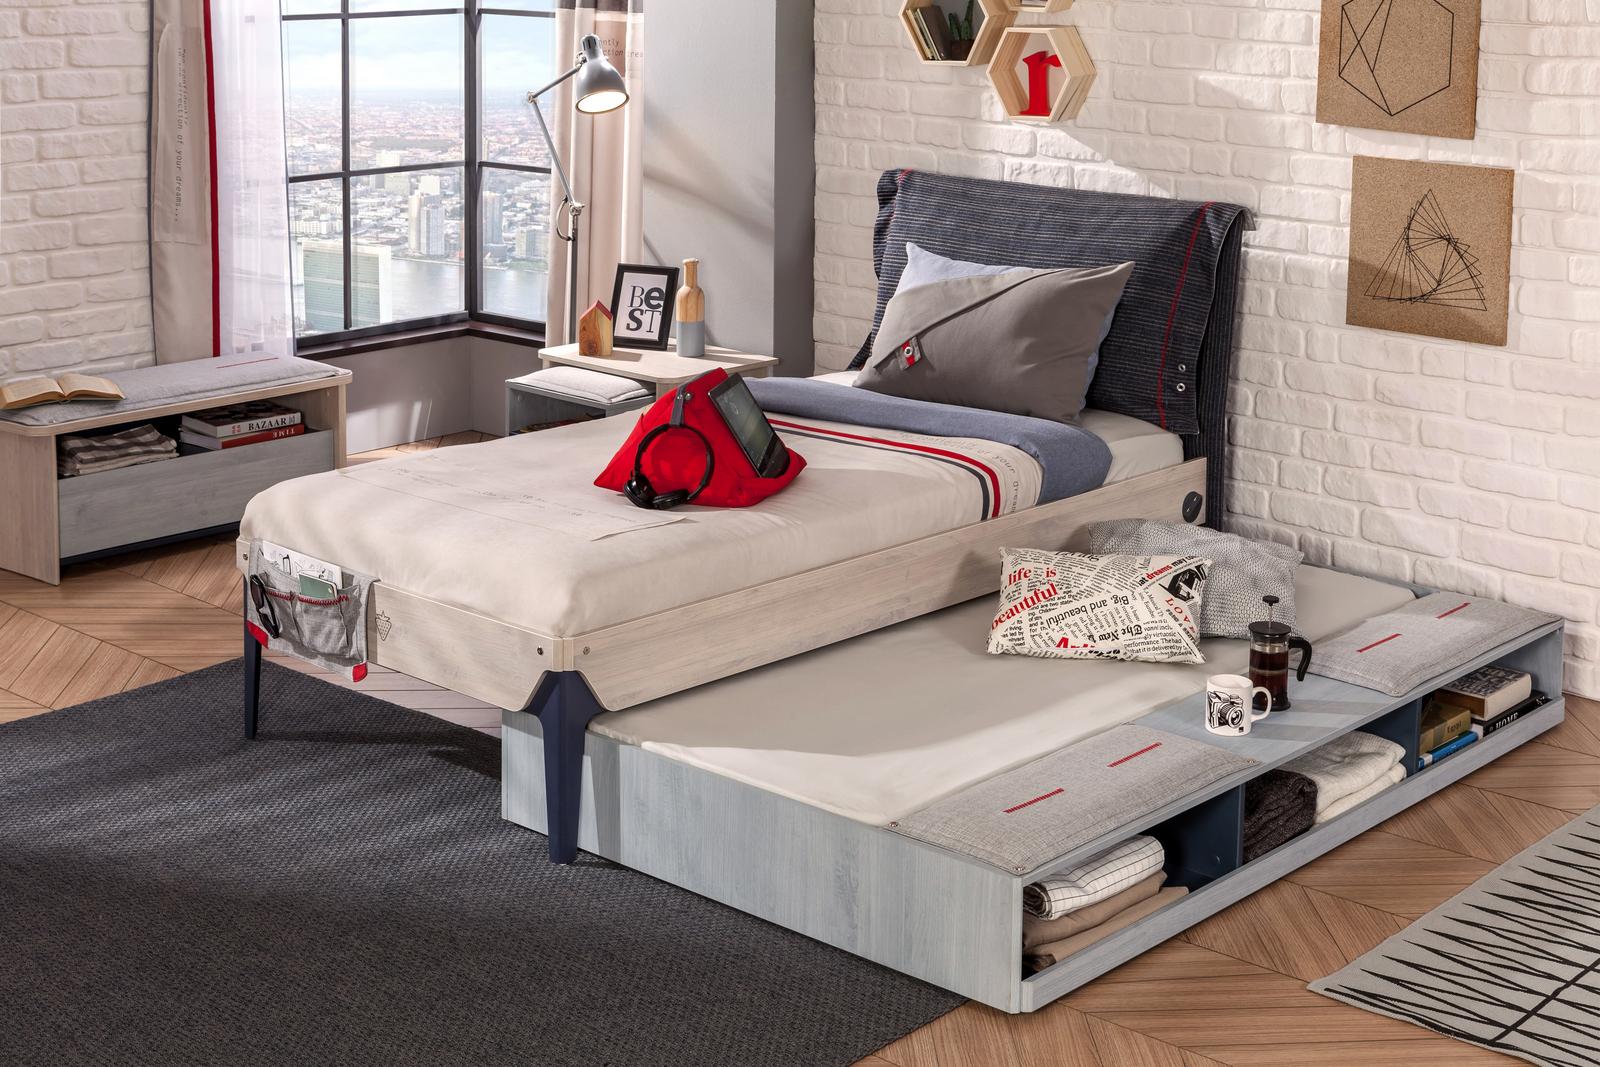 e8b7eda61b3e6 postel-se-suplikem-trio. Předchozí článek Další článek · Hezký dětský  nábytek